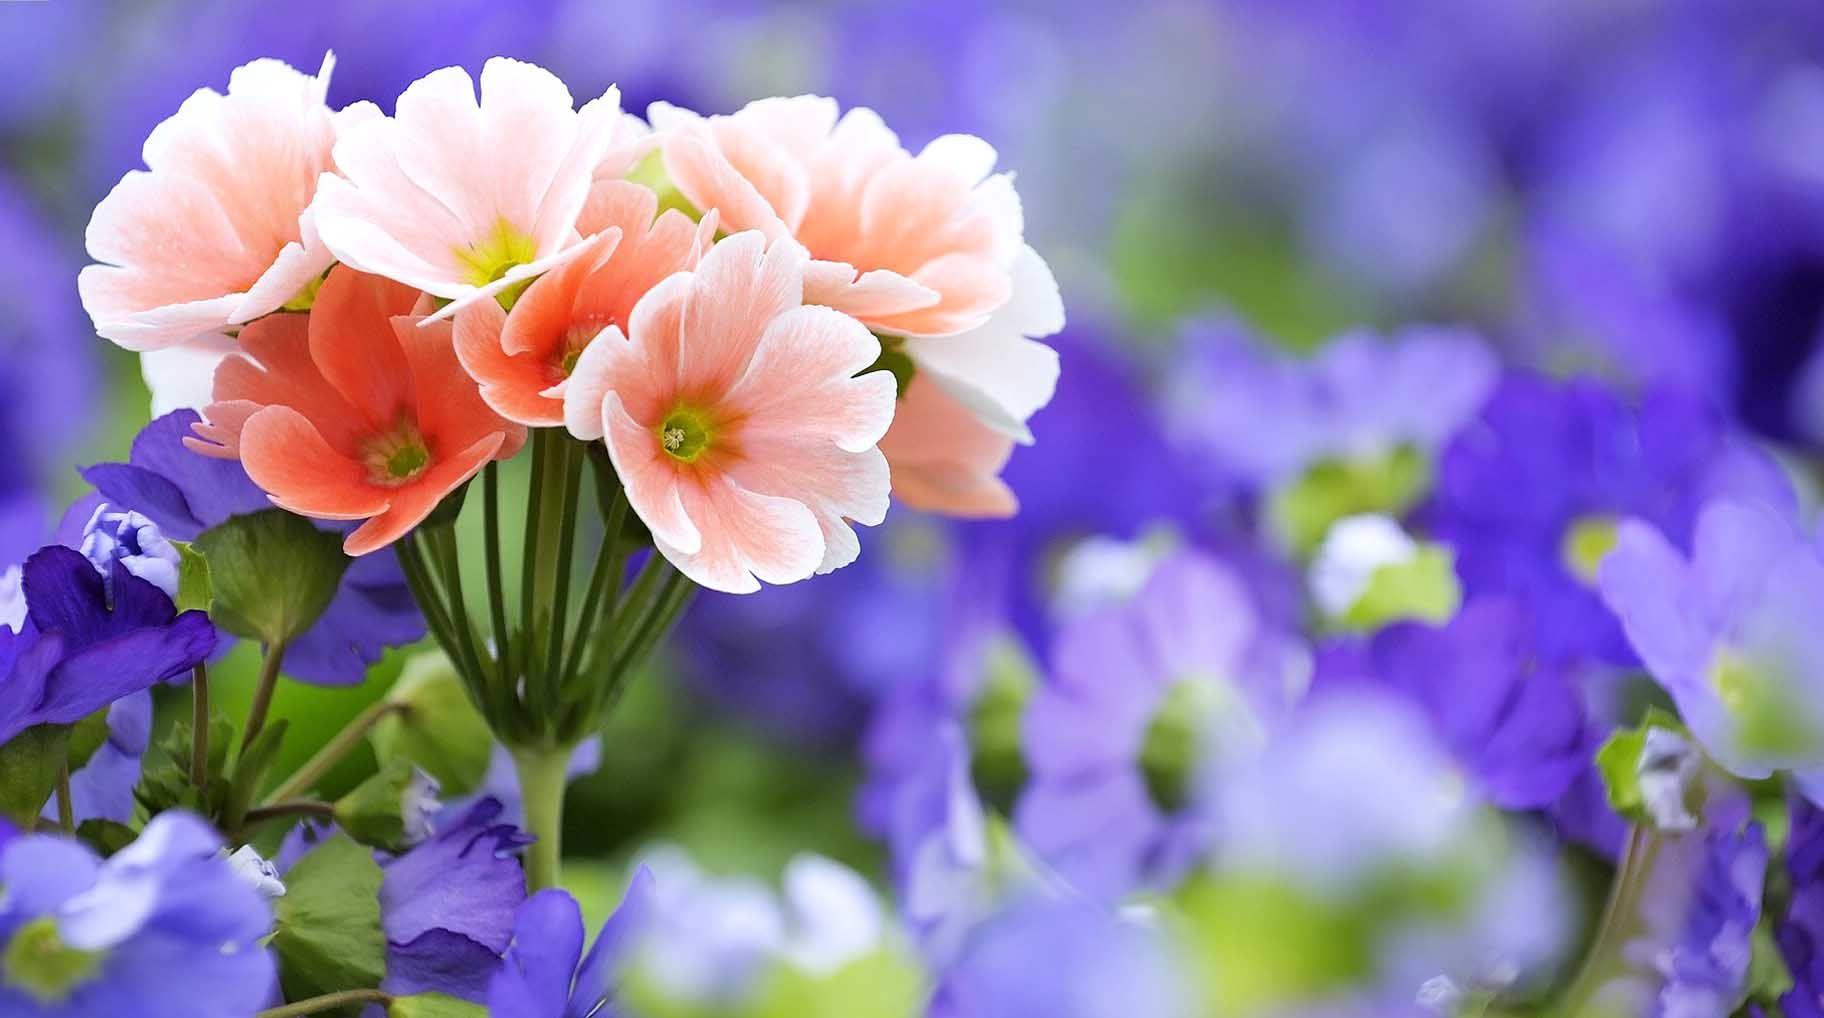 HD wallpaper download | Desktop hd flower wallpaper download free Download 3d HD colour design ...